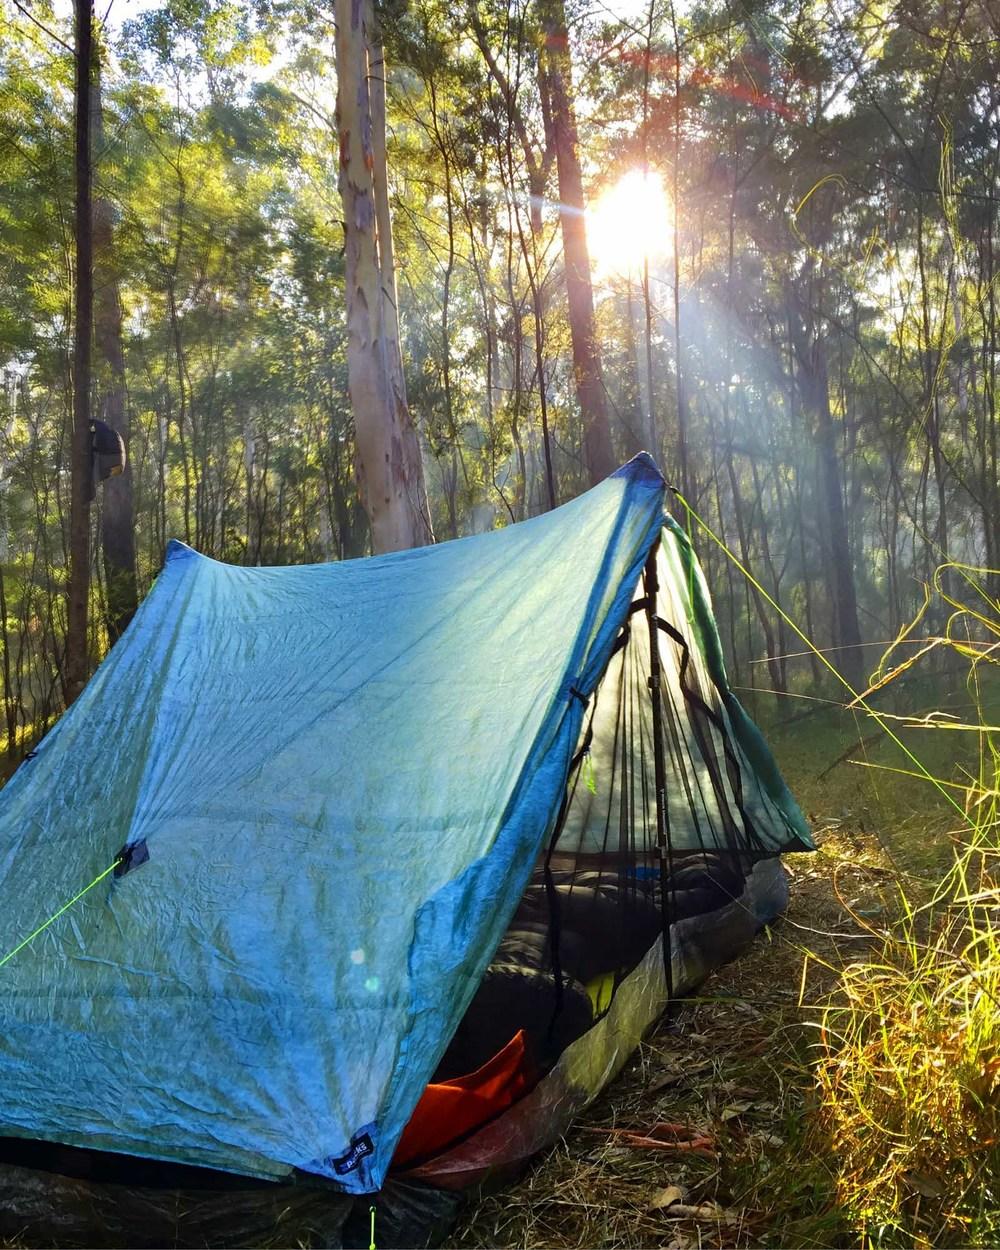 acacia-flats-campsite-16.jpg